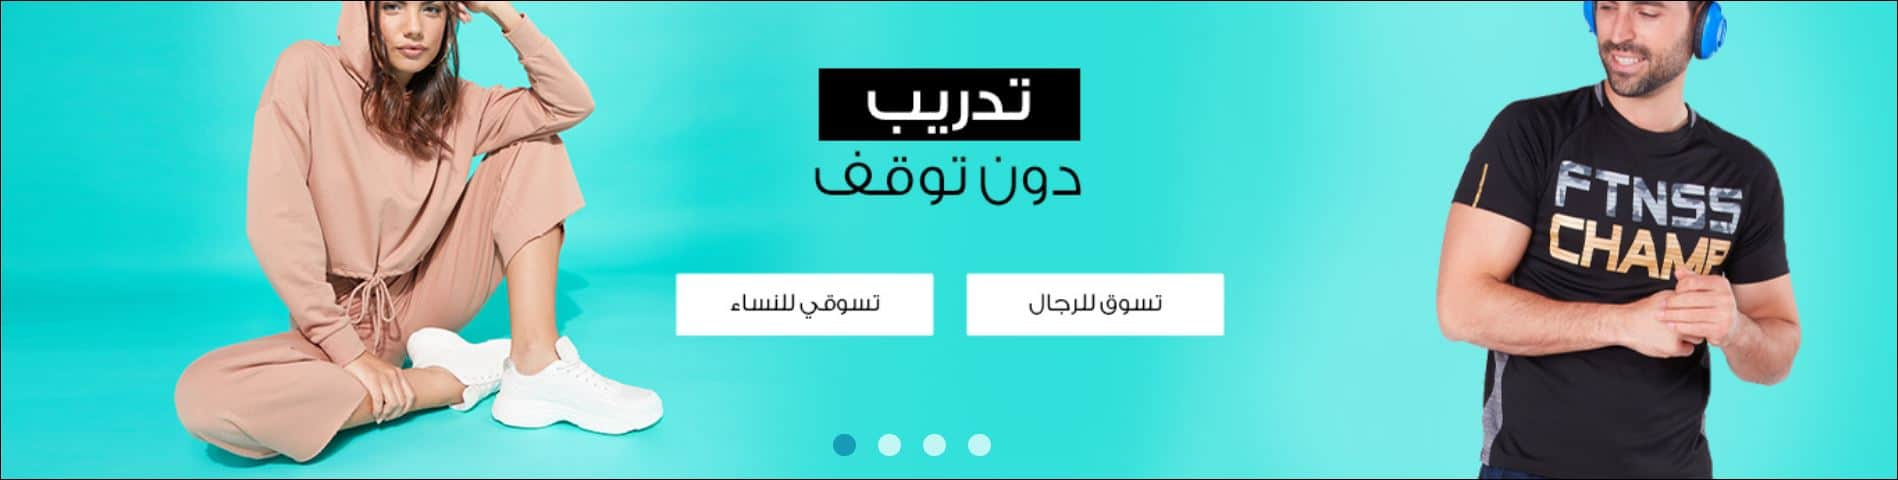 عروض متاجر السعودية 2019 سيتي ماكس ازياء ومستلزمات الرياض